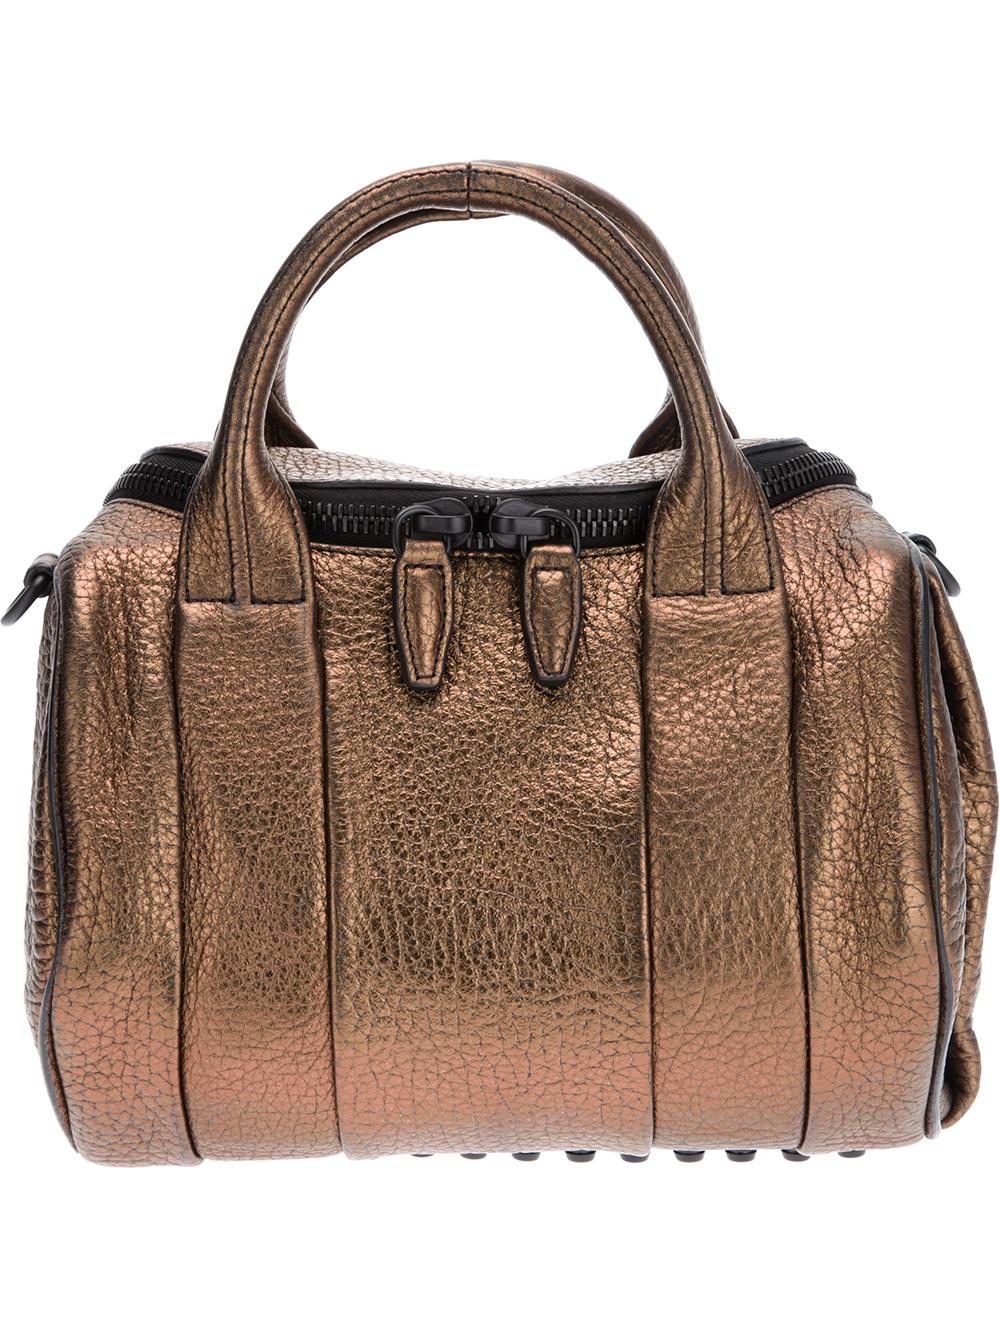 Alexander Wang Shoes, Handbags & Clothing   Nordstrom